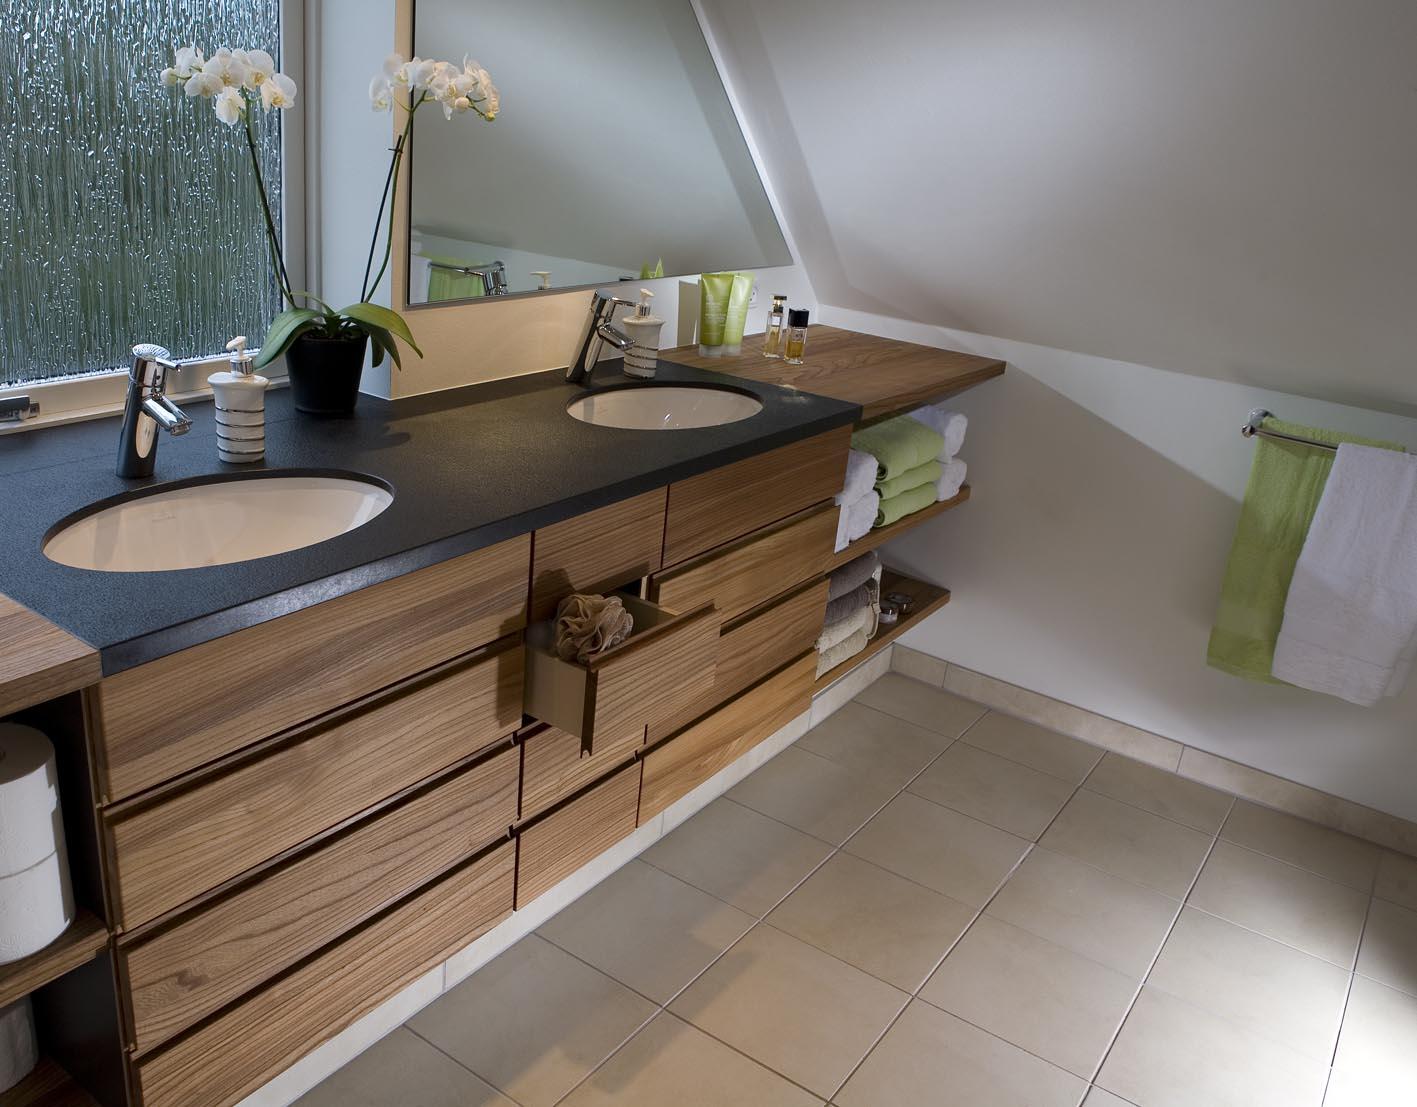 badeværelse udstillingsmodel Lækkert badeværelse med specialdesignede møbler badeværelse udstillingsmodel